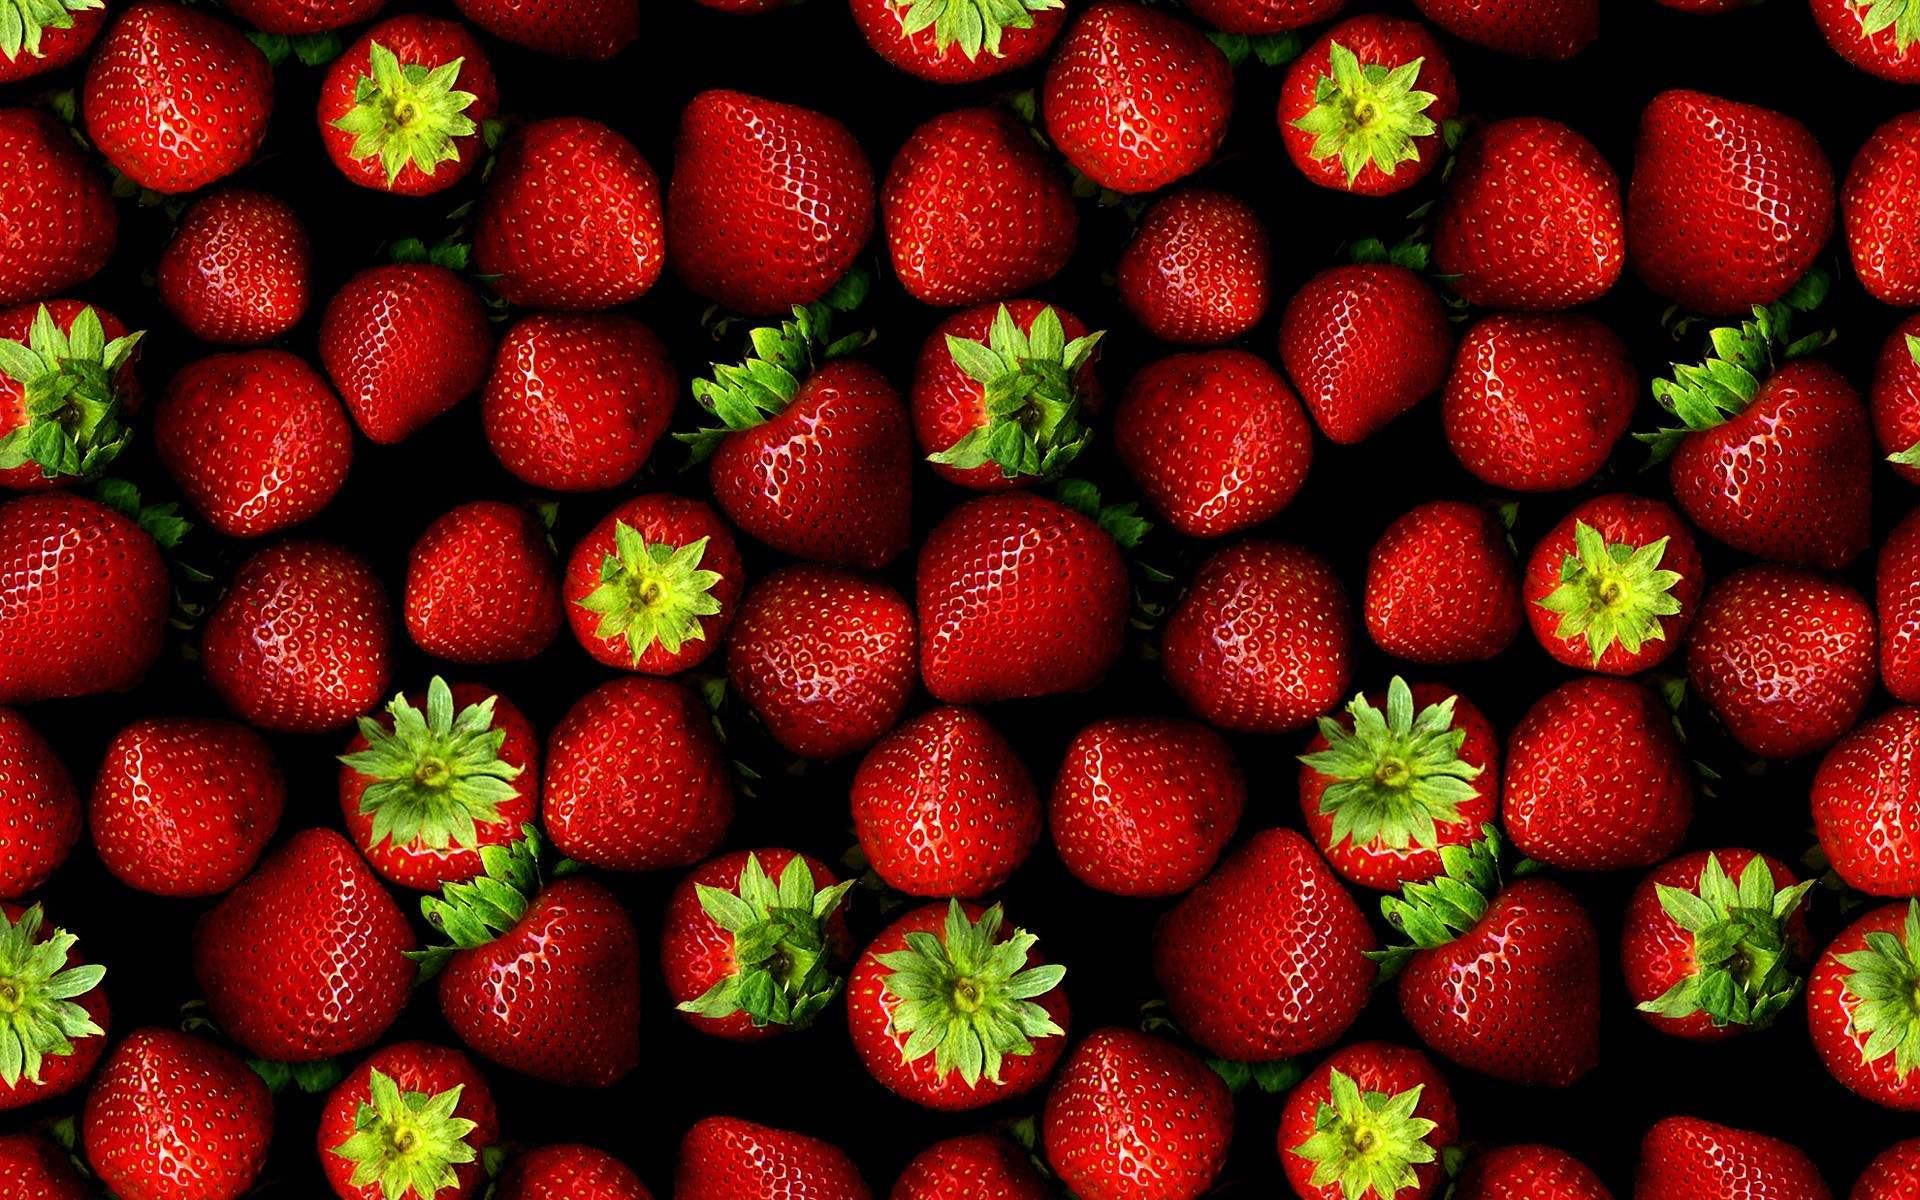 Strawberries packaging design